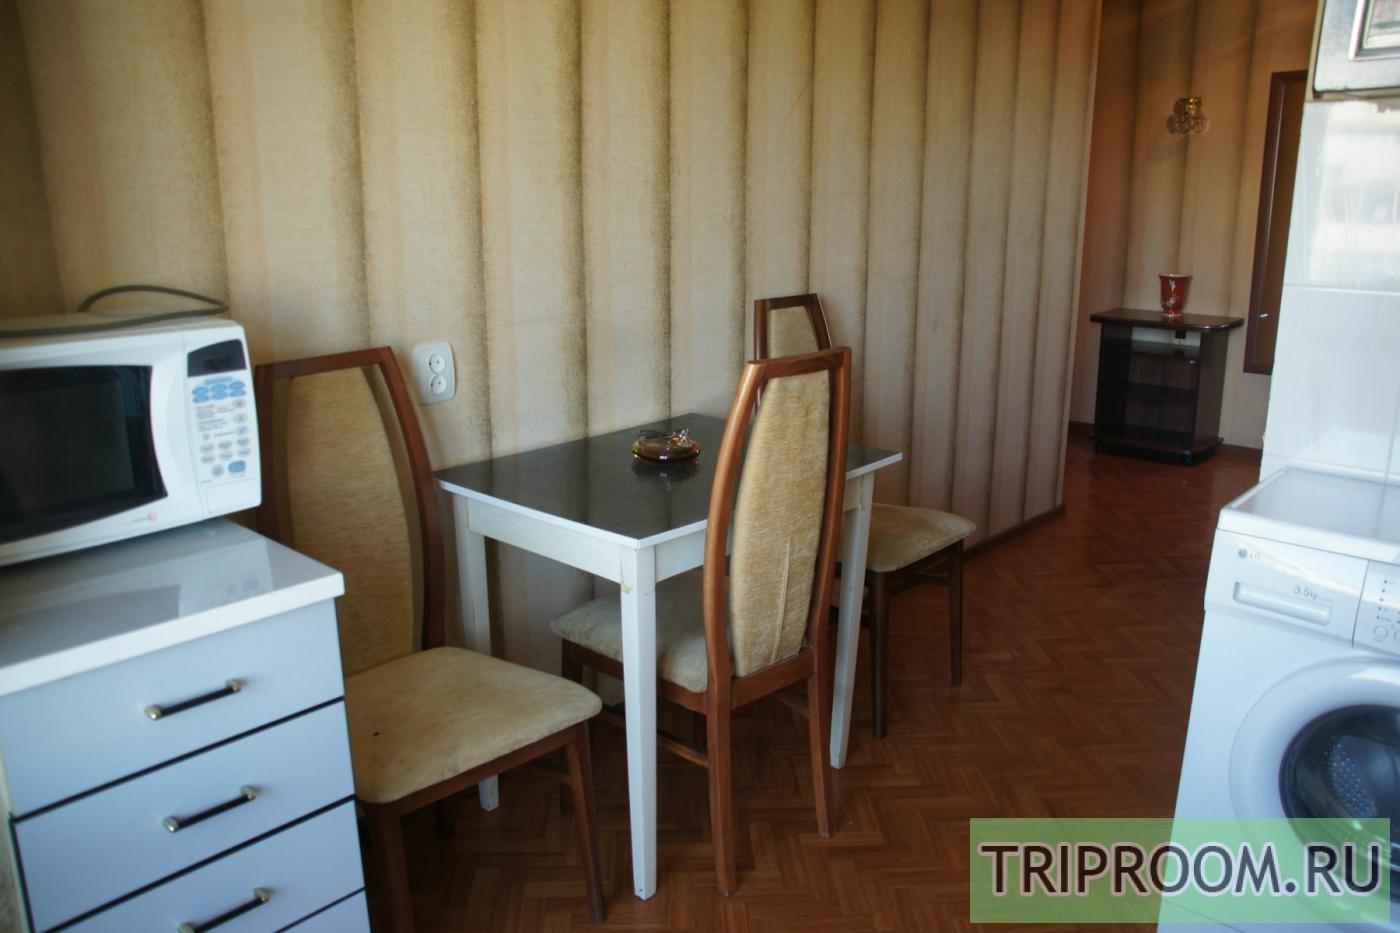 3-комнатная квартира посуточно (вариант № 18694), ул. Рокоссовского улица, фото № 9